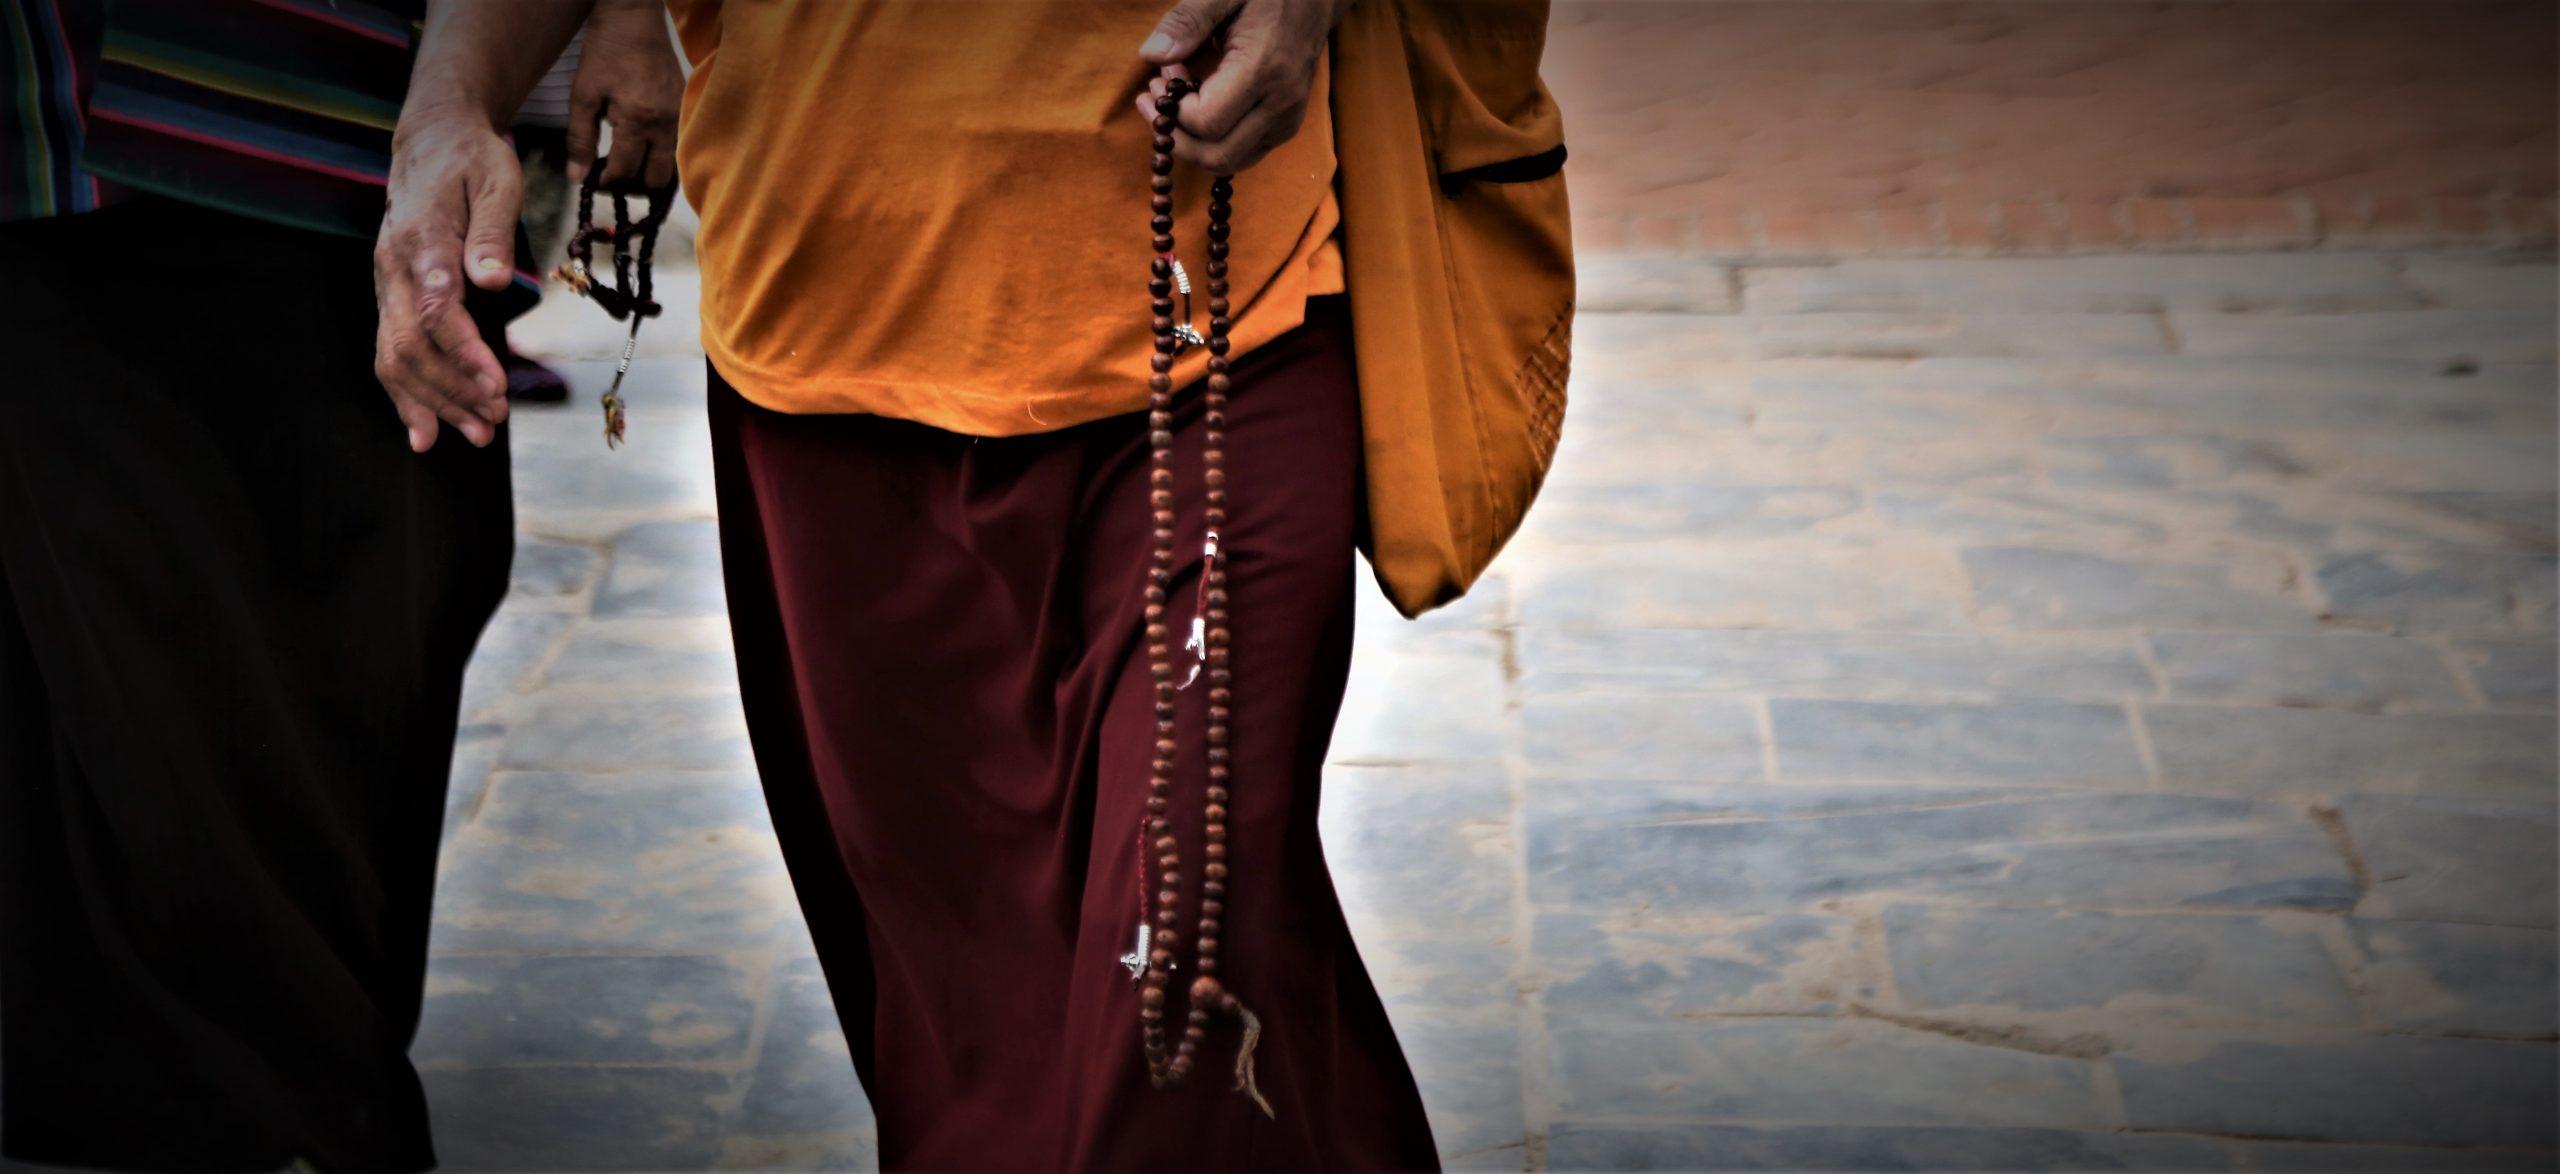 Mala tibétain